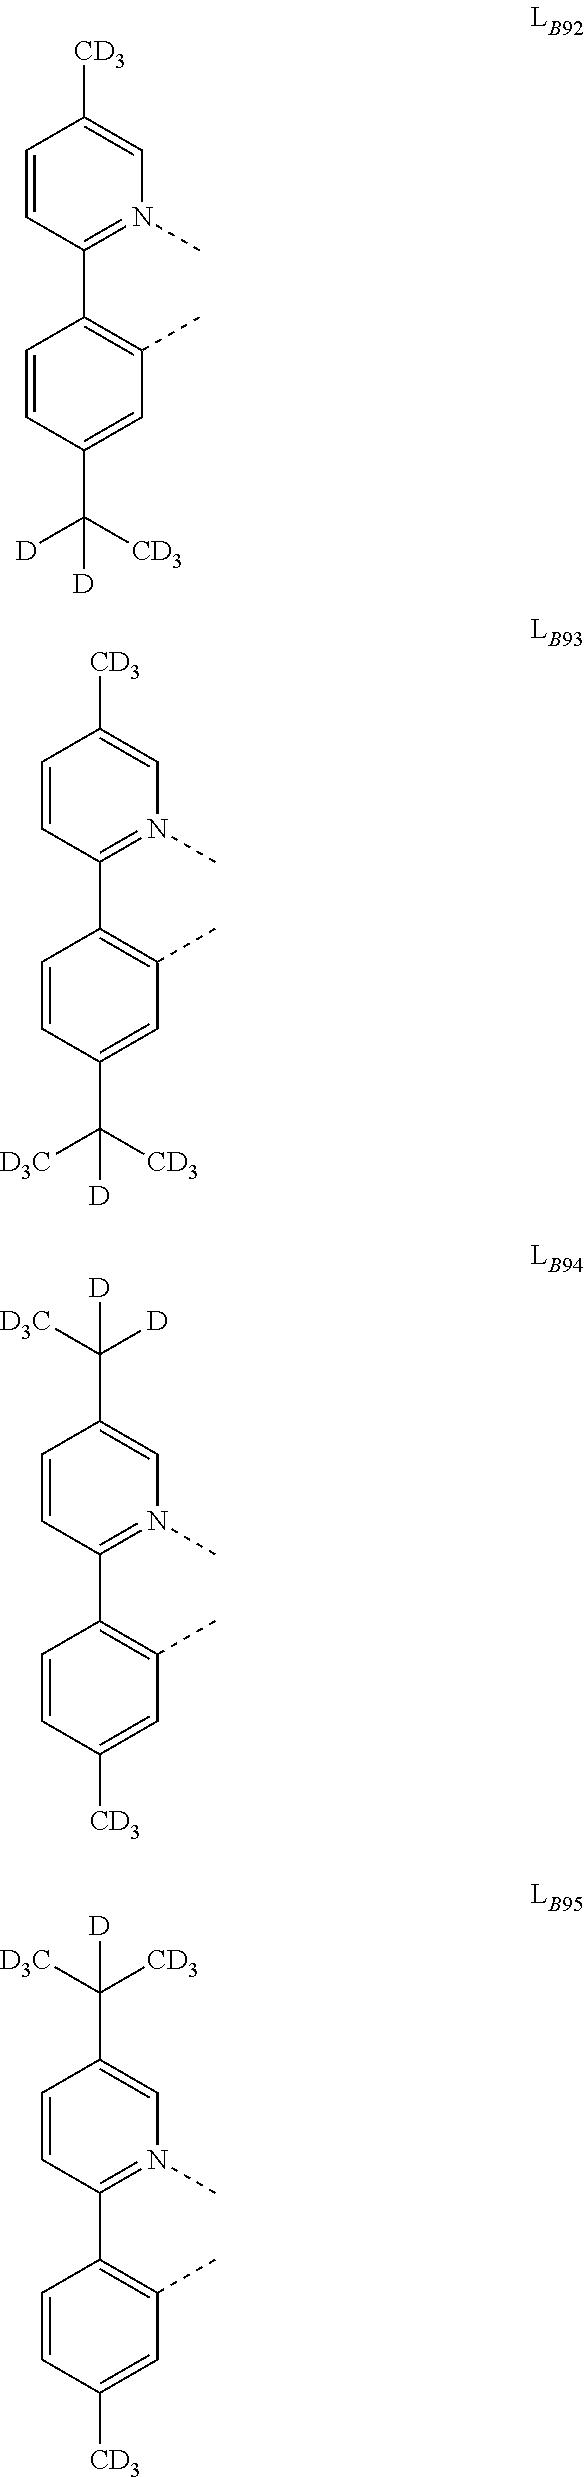 Figure US20180130962A1-20180510-C00083